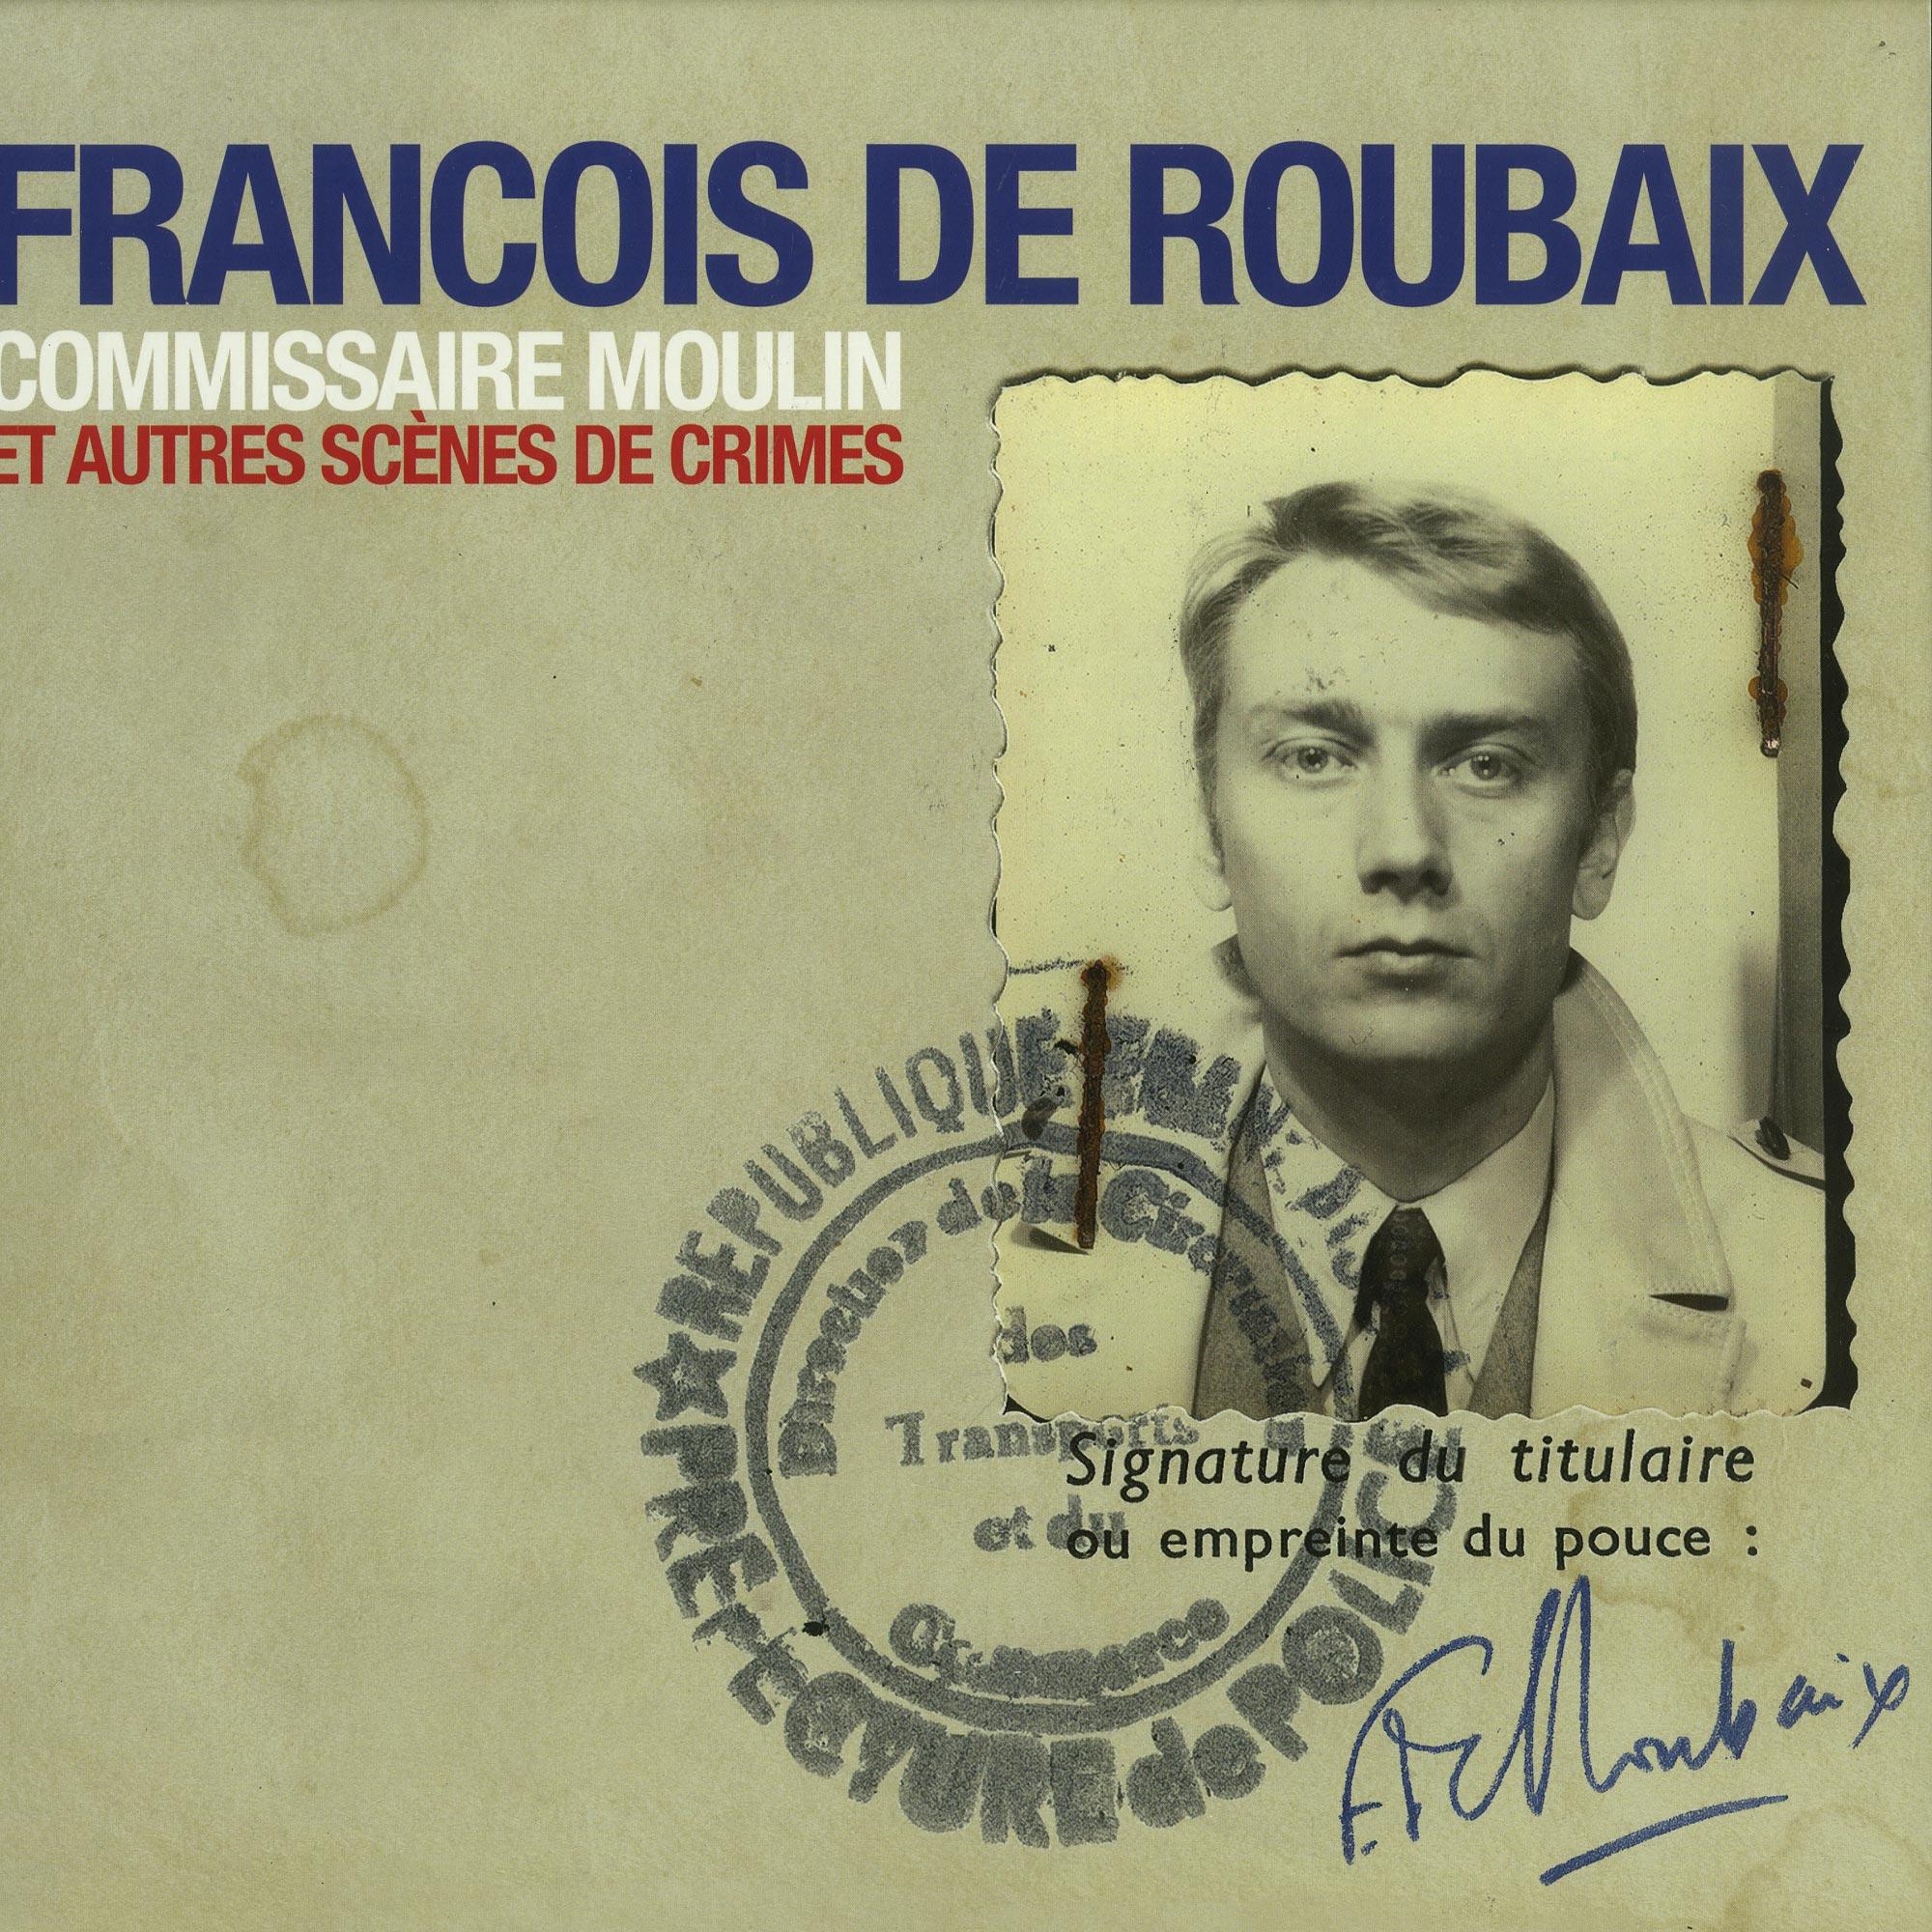 Francois De Roubaix - COMMISSAIRE MOULIN ET AUTRES SCENE DE CRIMES